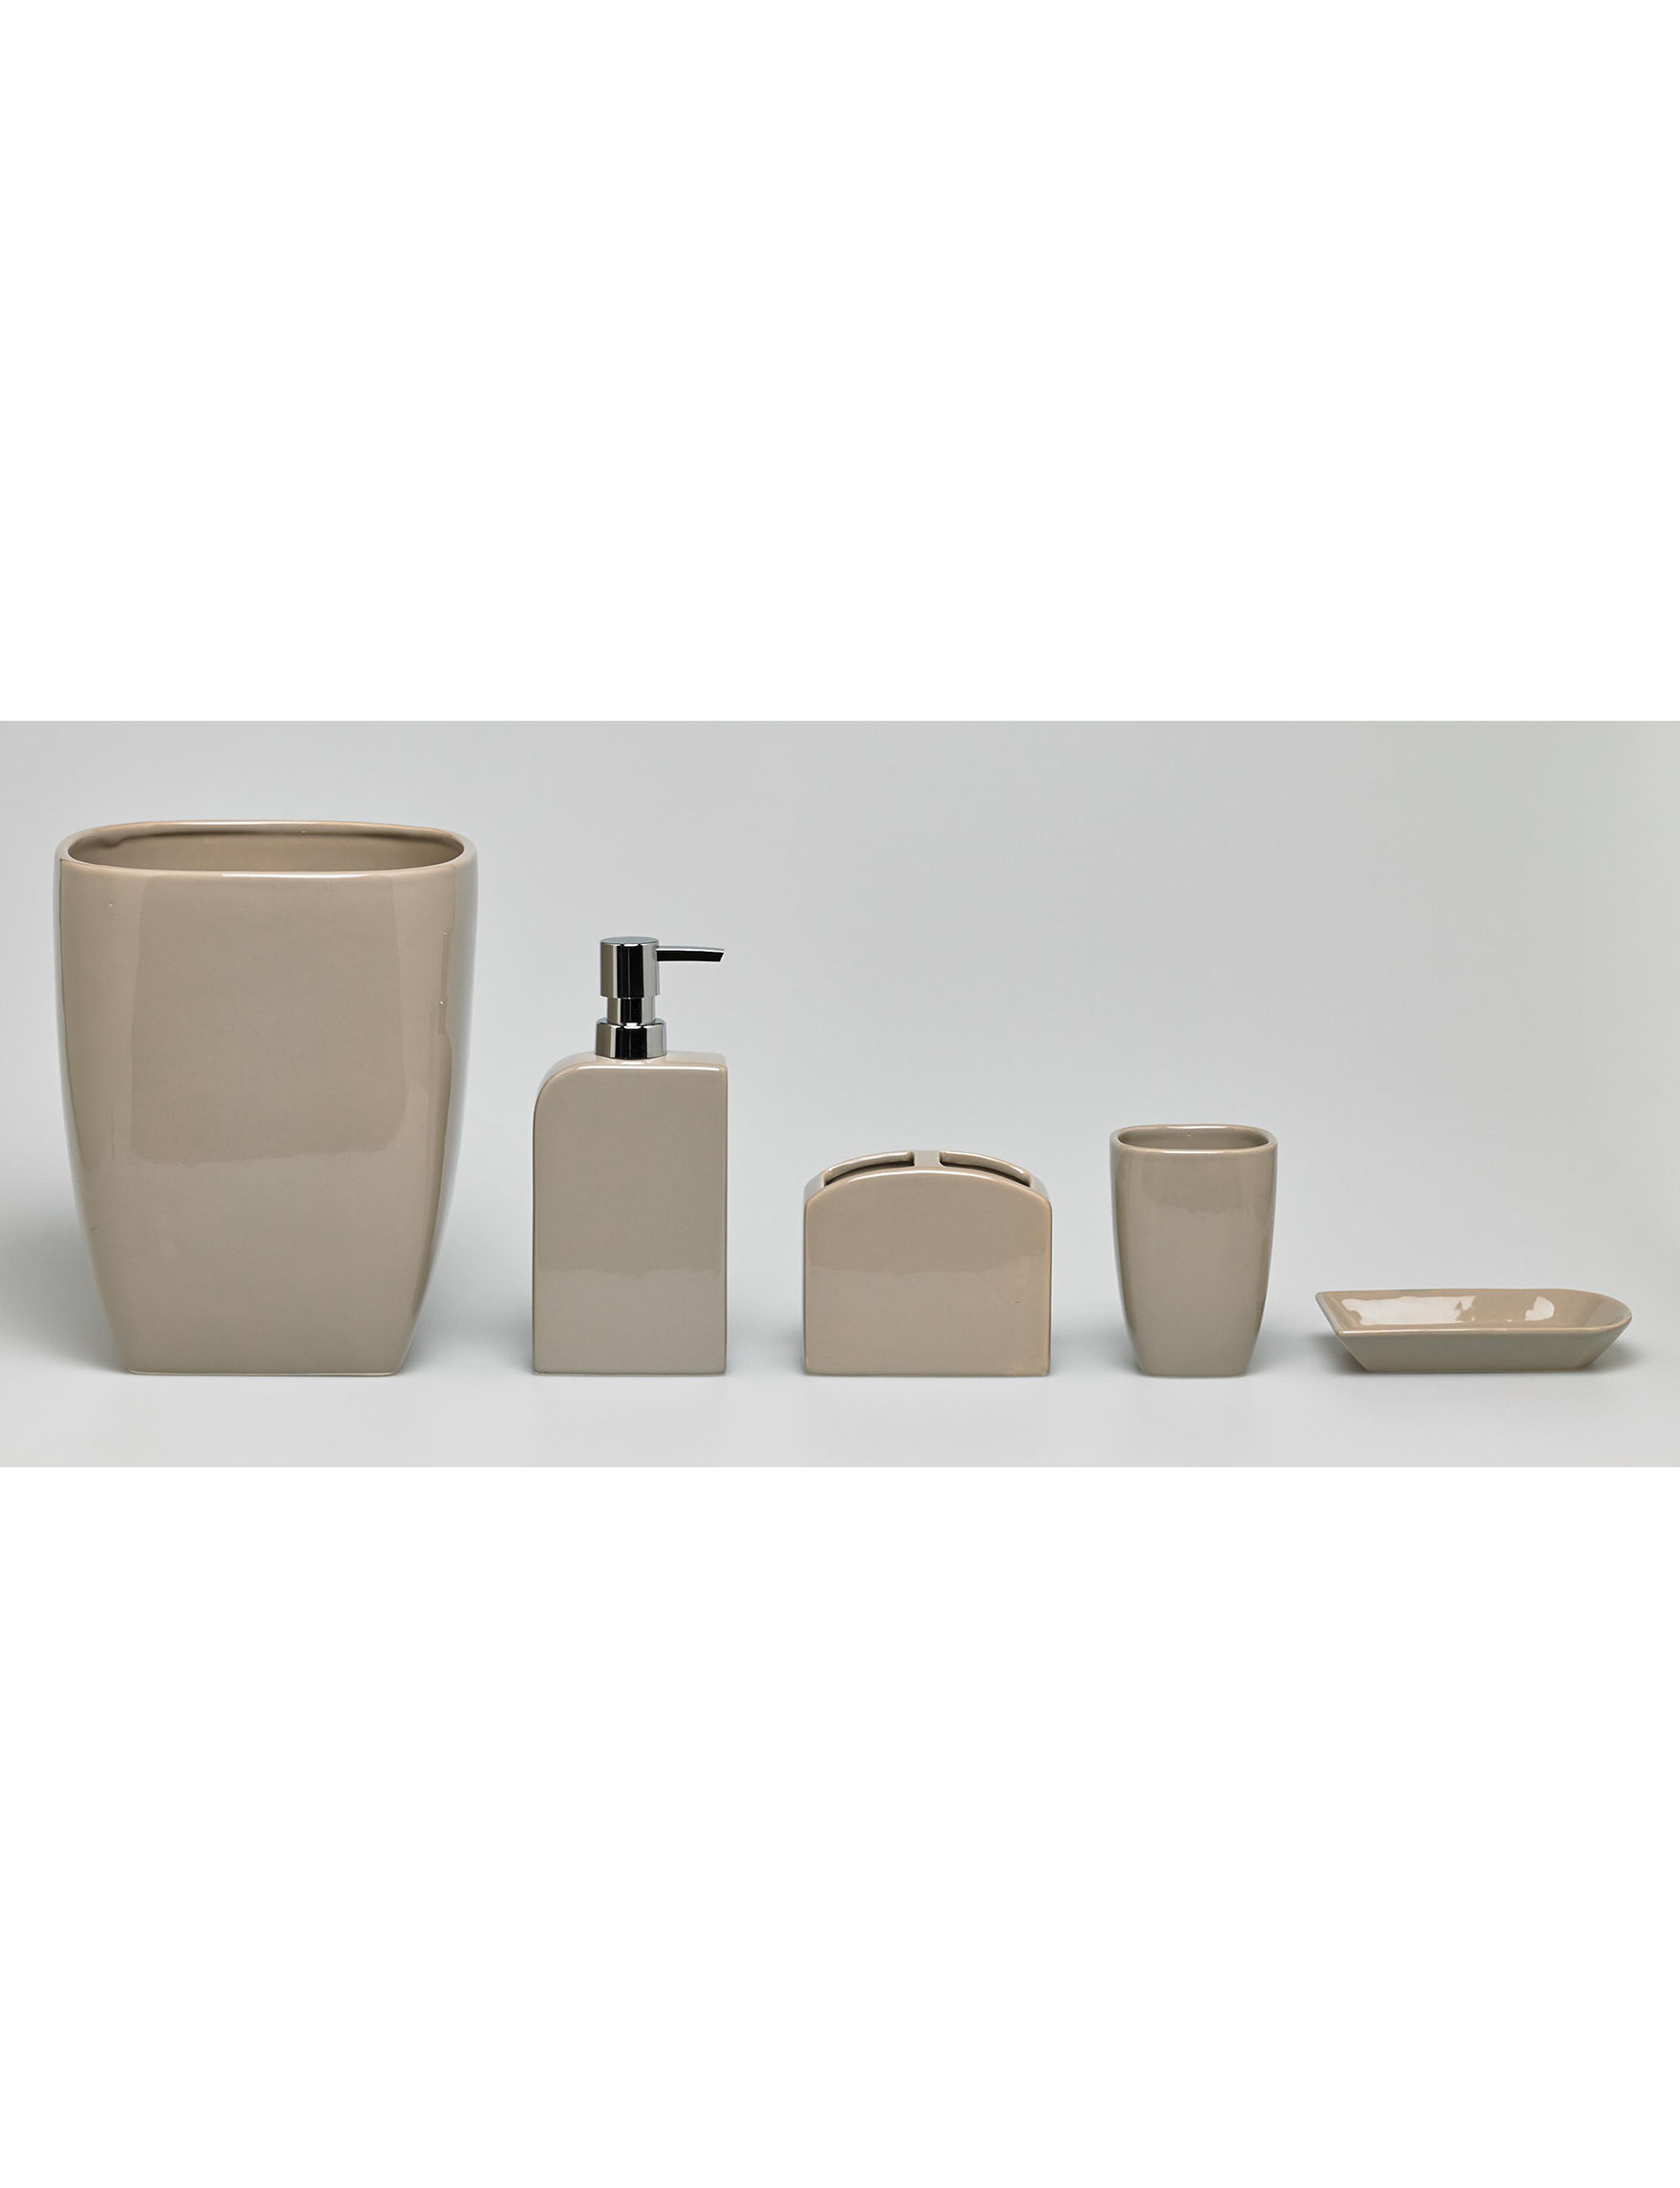 Moda  Wastebaskets Bath Accessories